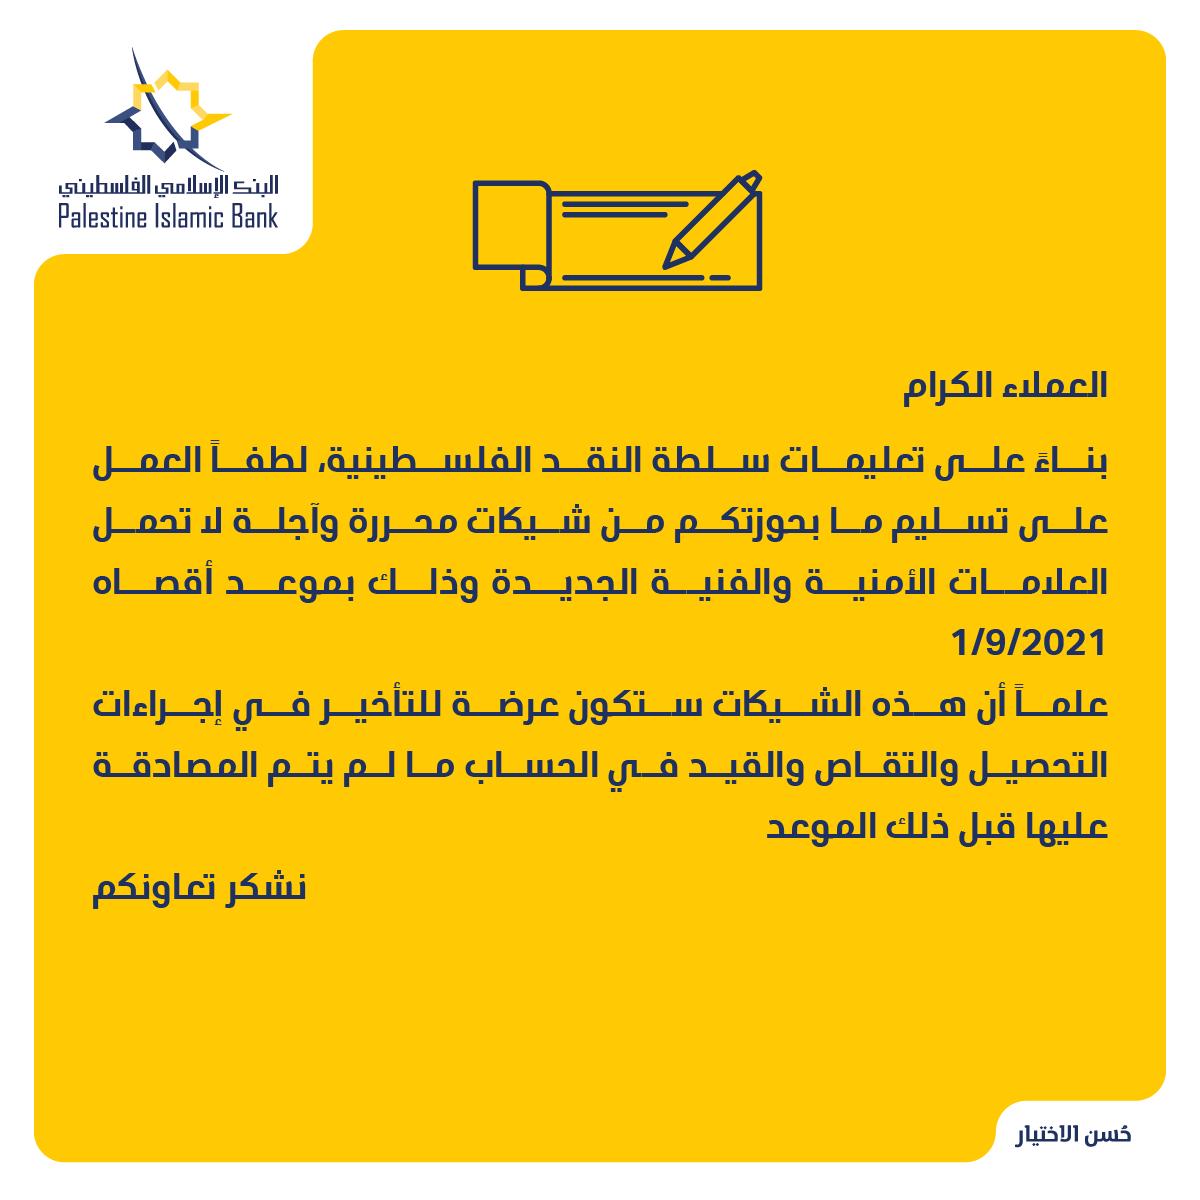 البنك الإسلامي الفلسطيني يصدر تنويهًا مهمًا بشأن الشيكات